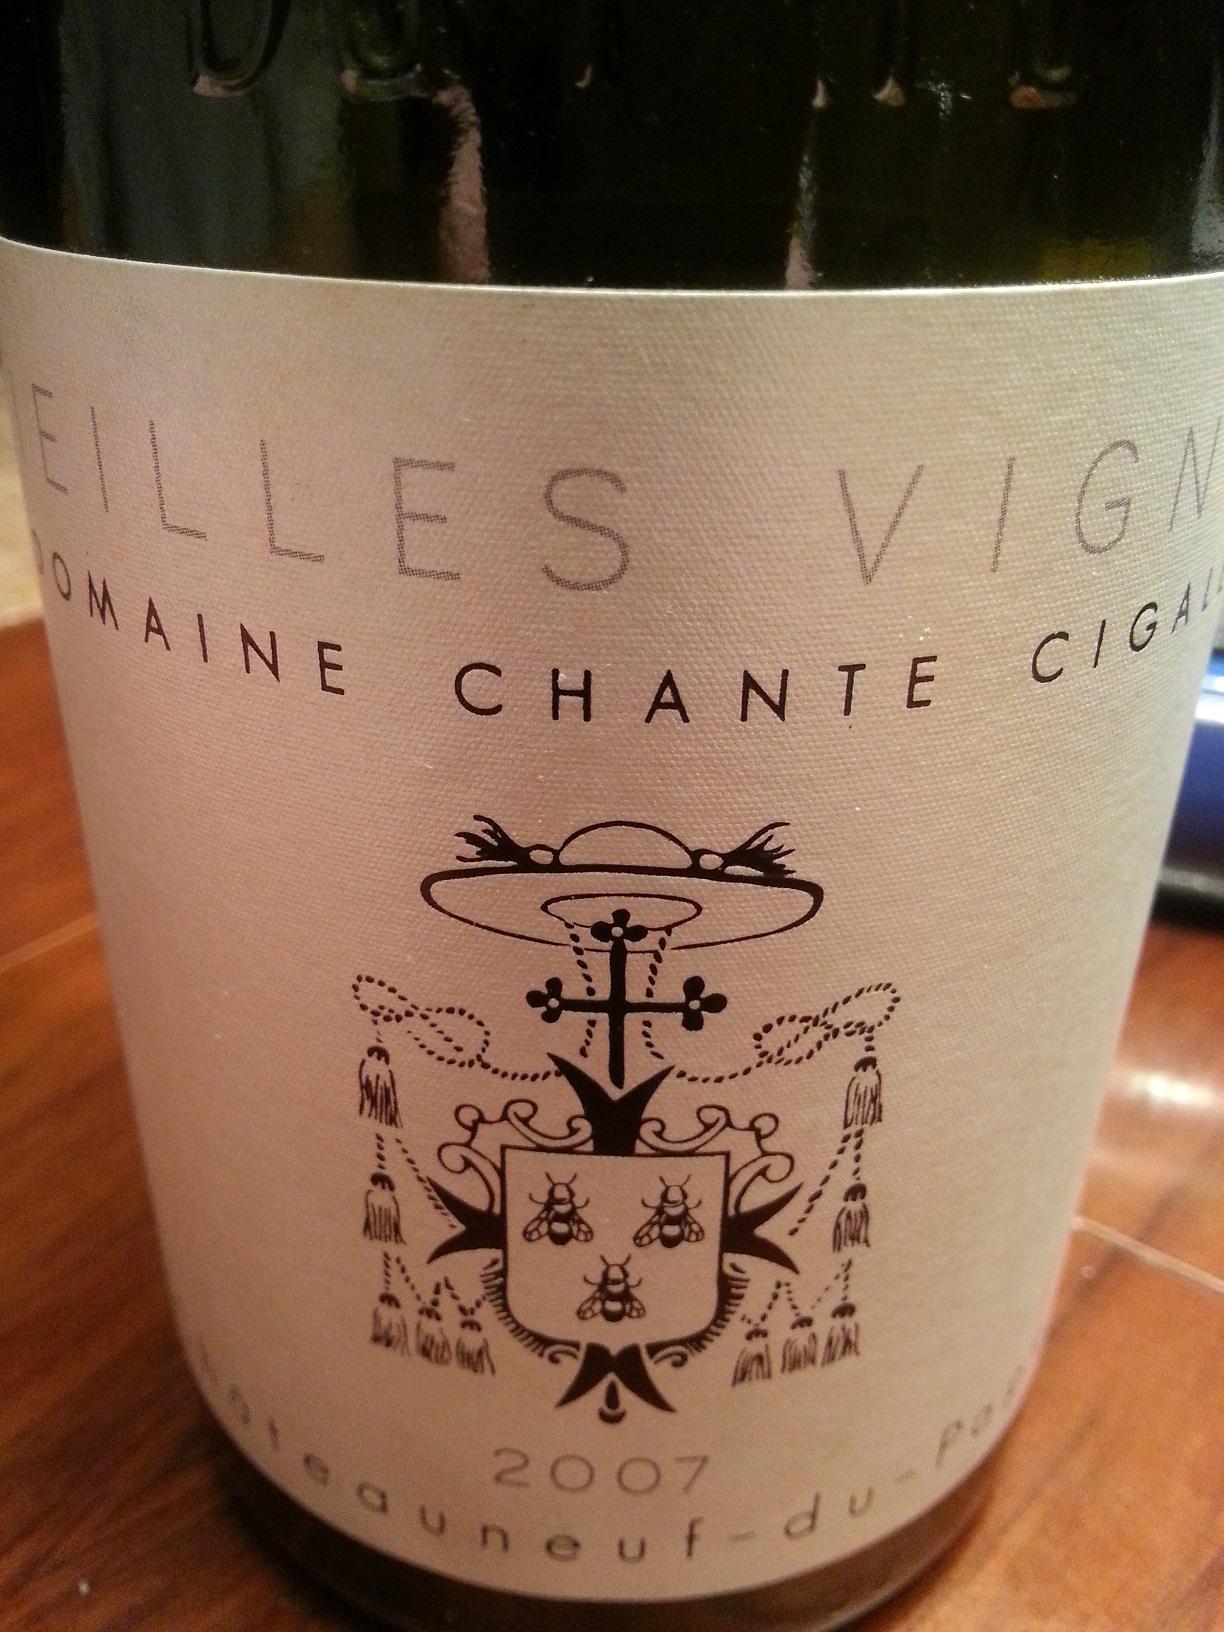 2007 Châteauneuf-du-Pape Vieilles Vignes | Chante Cigale